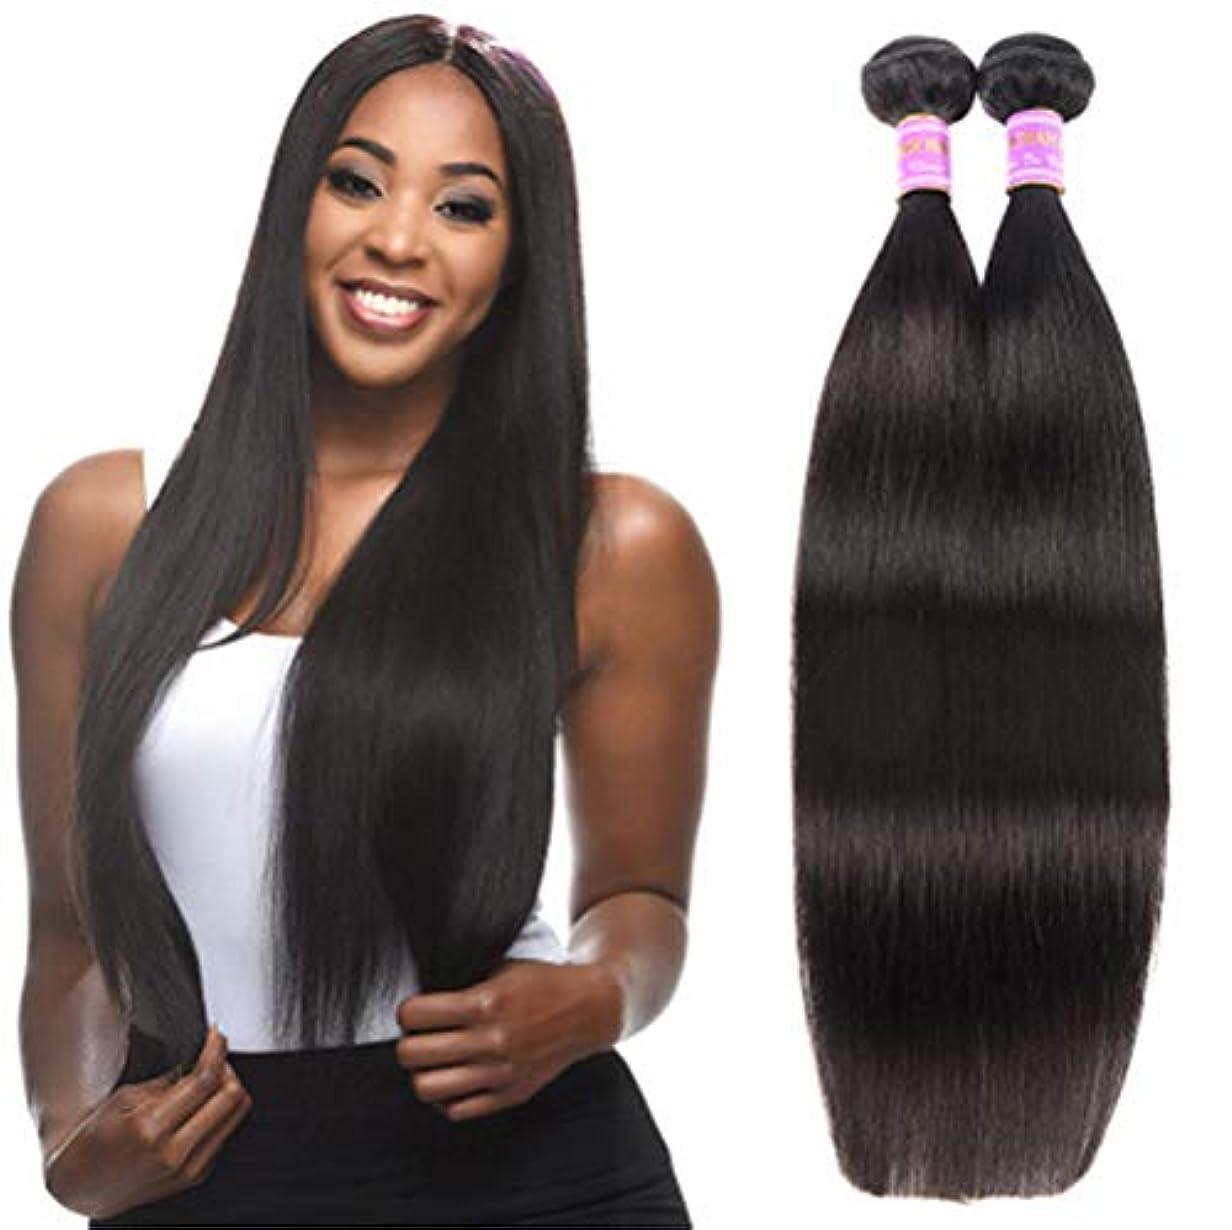 名義でナイトスポットコンプリート髪織り女性150%密度ブラジルストレートヘアバンドル安いブラジル髪バンドルストレート人間の髪の毛